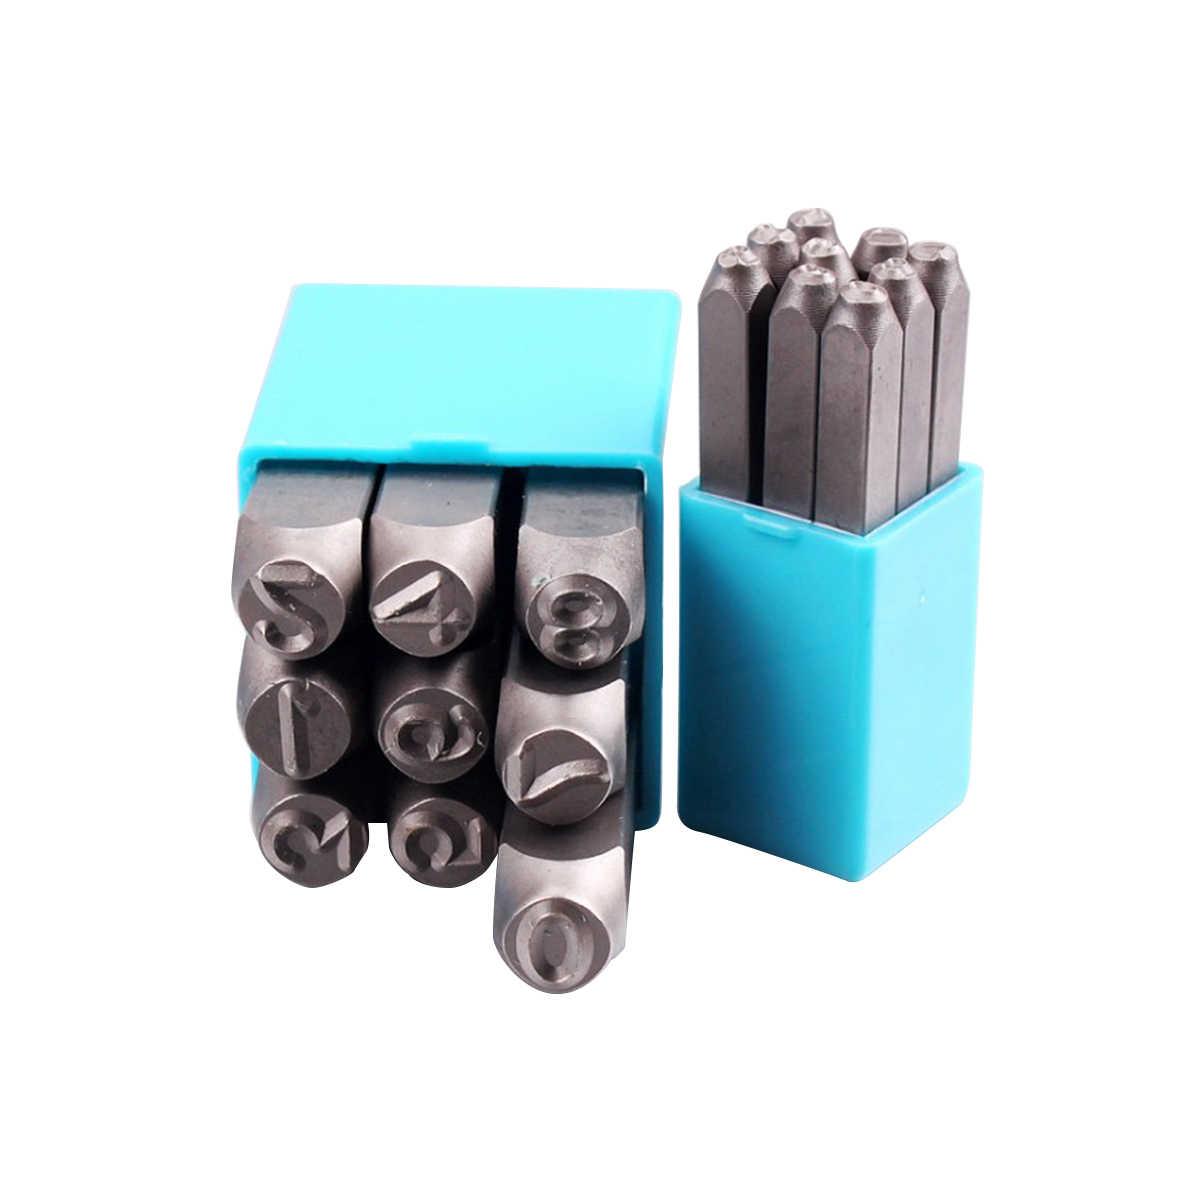 เหล็กความแข็งสูงจำนวน Ball Pein Hammer Hand Punch ชุดแสตมป์โลหะสำหรับแม่พิมพ์อัญมณีทำ Die Stamp